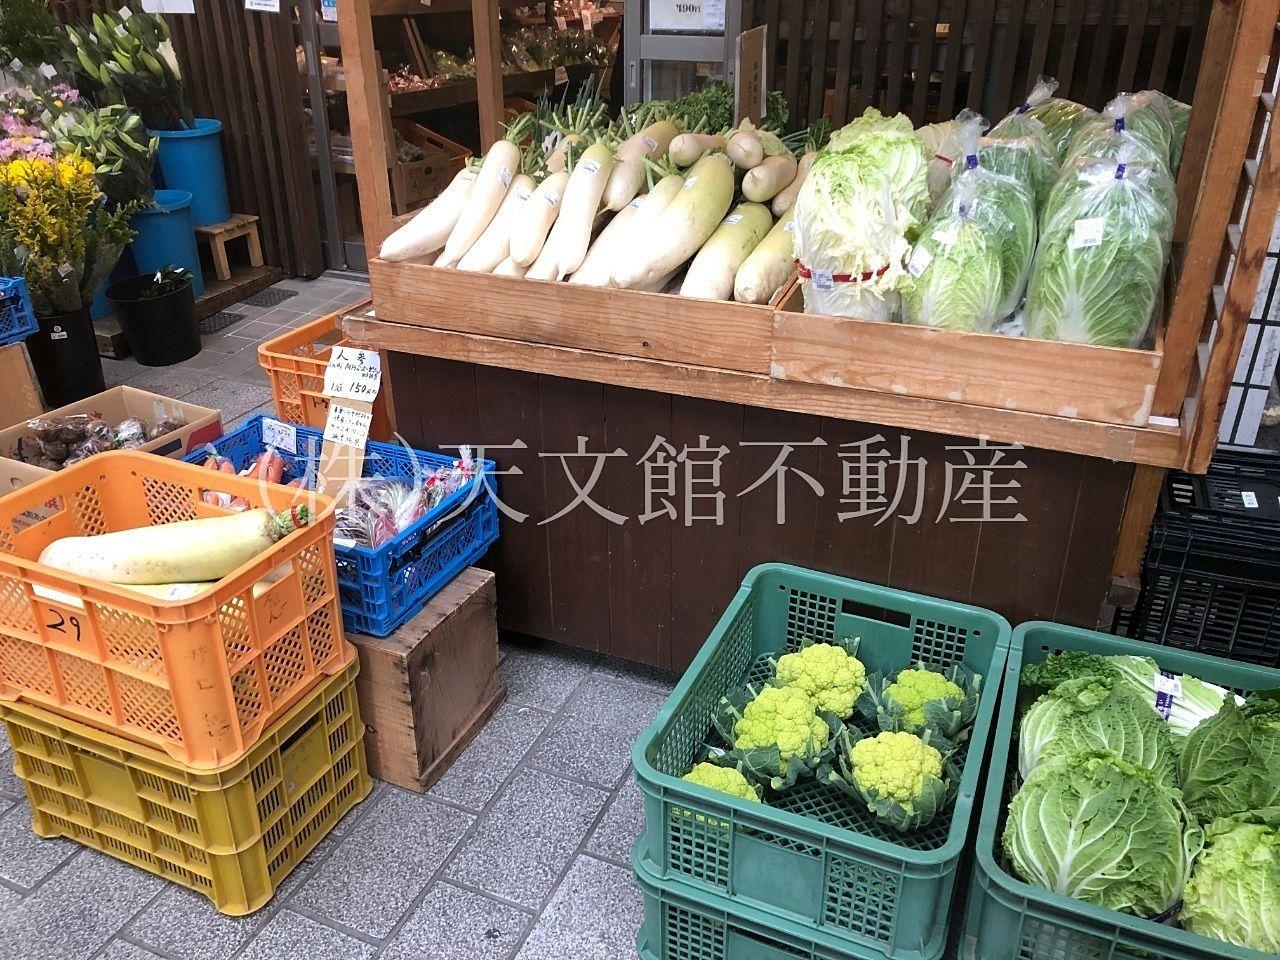 鹿児島市東千石町の天文館まちの駅 ゆめりあは野菜も安くて新鮮です。